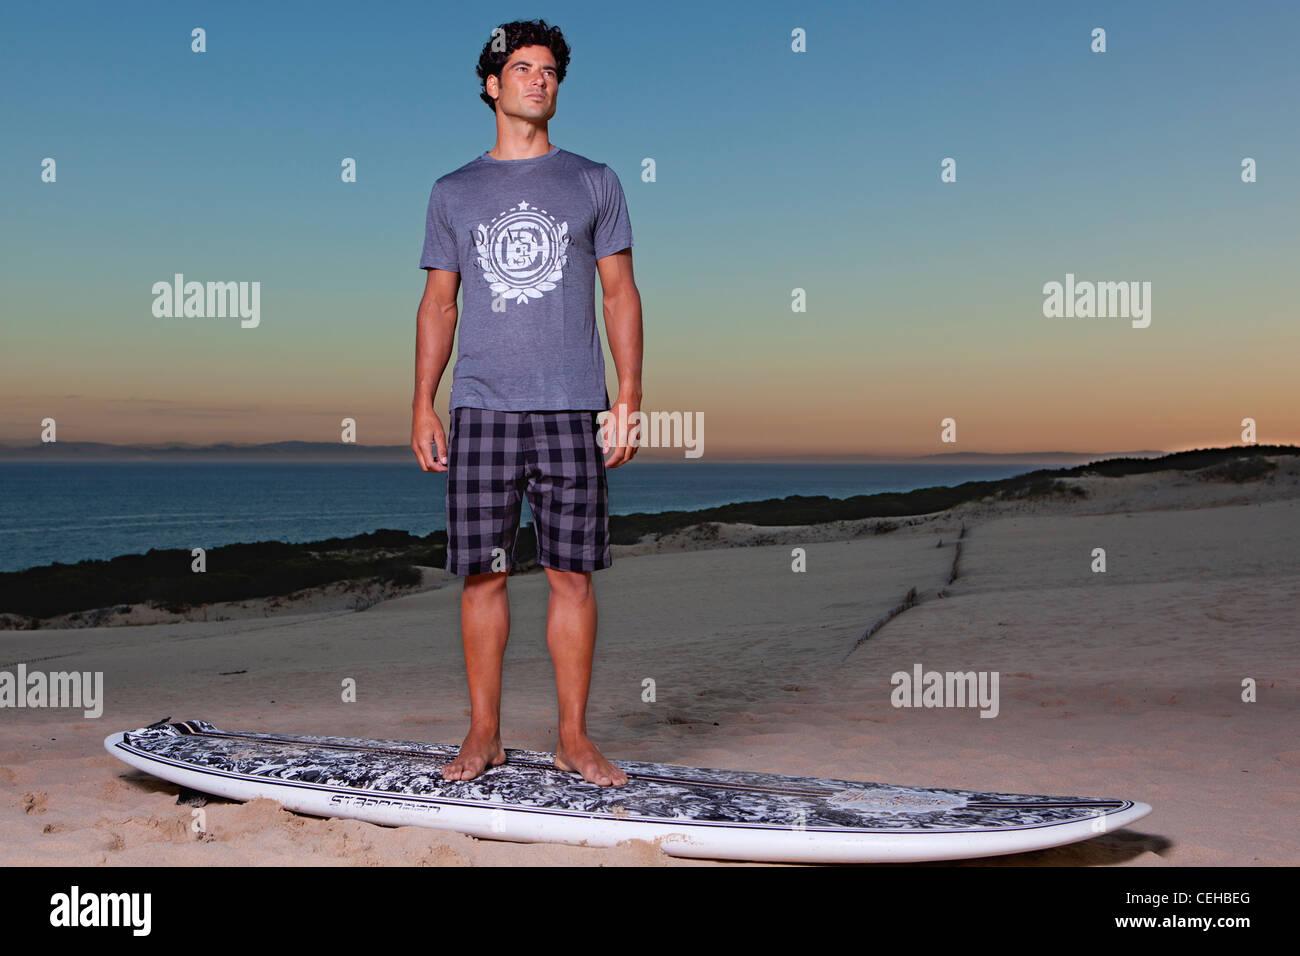 Junger Mann posiert am Strand über Ihr Surfbrett Stockbild